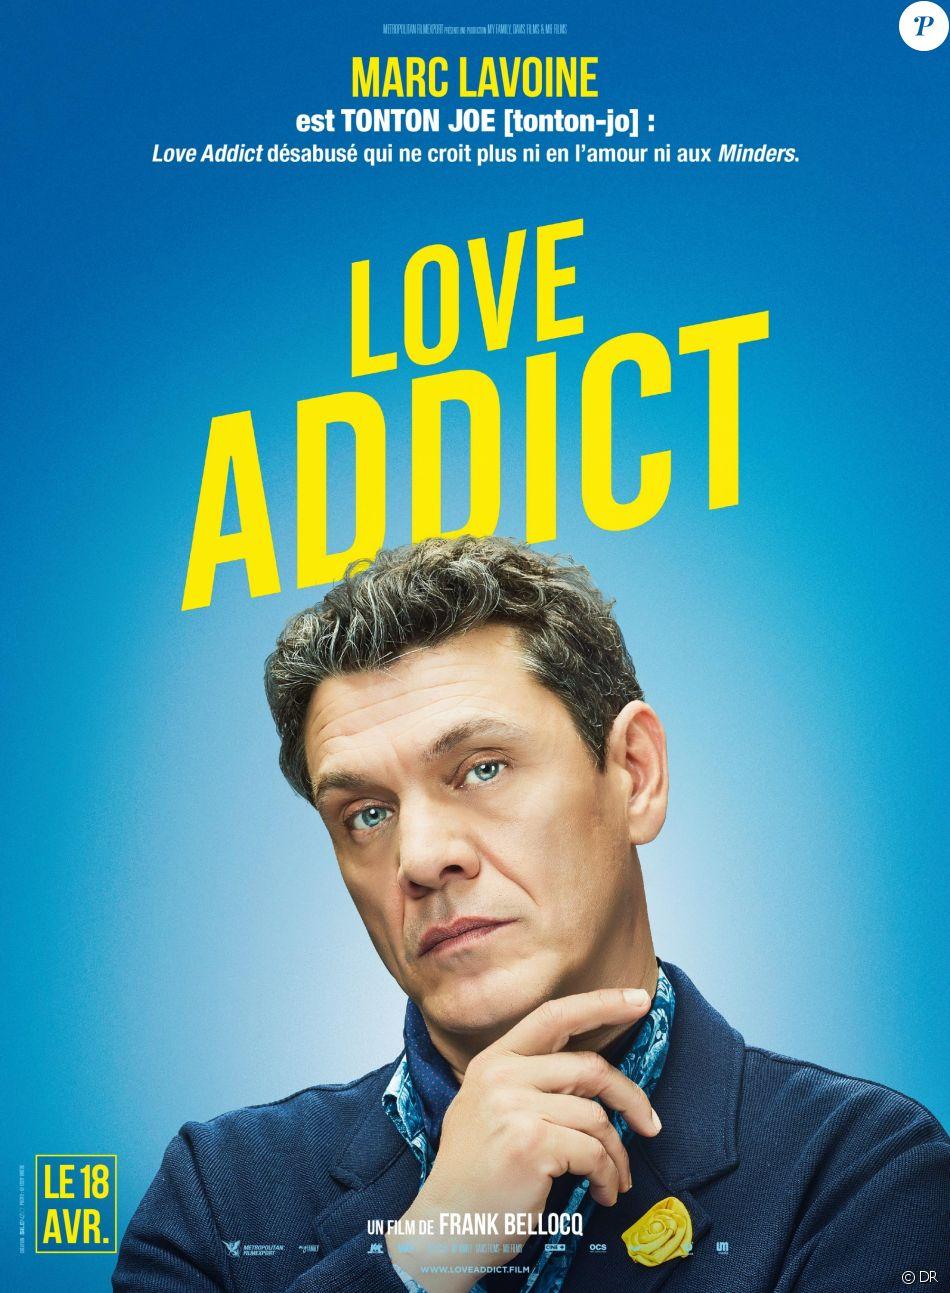 marc lavoine affiche personnage du film love addict en salles le 18 avril 2018. Black Bedroom Furniture Sets. Home Design Ideas